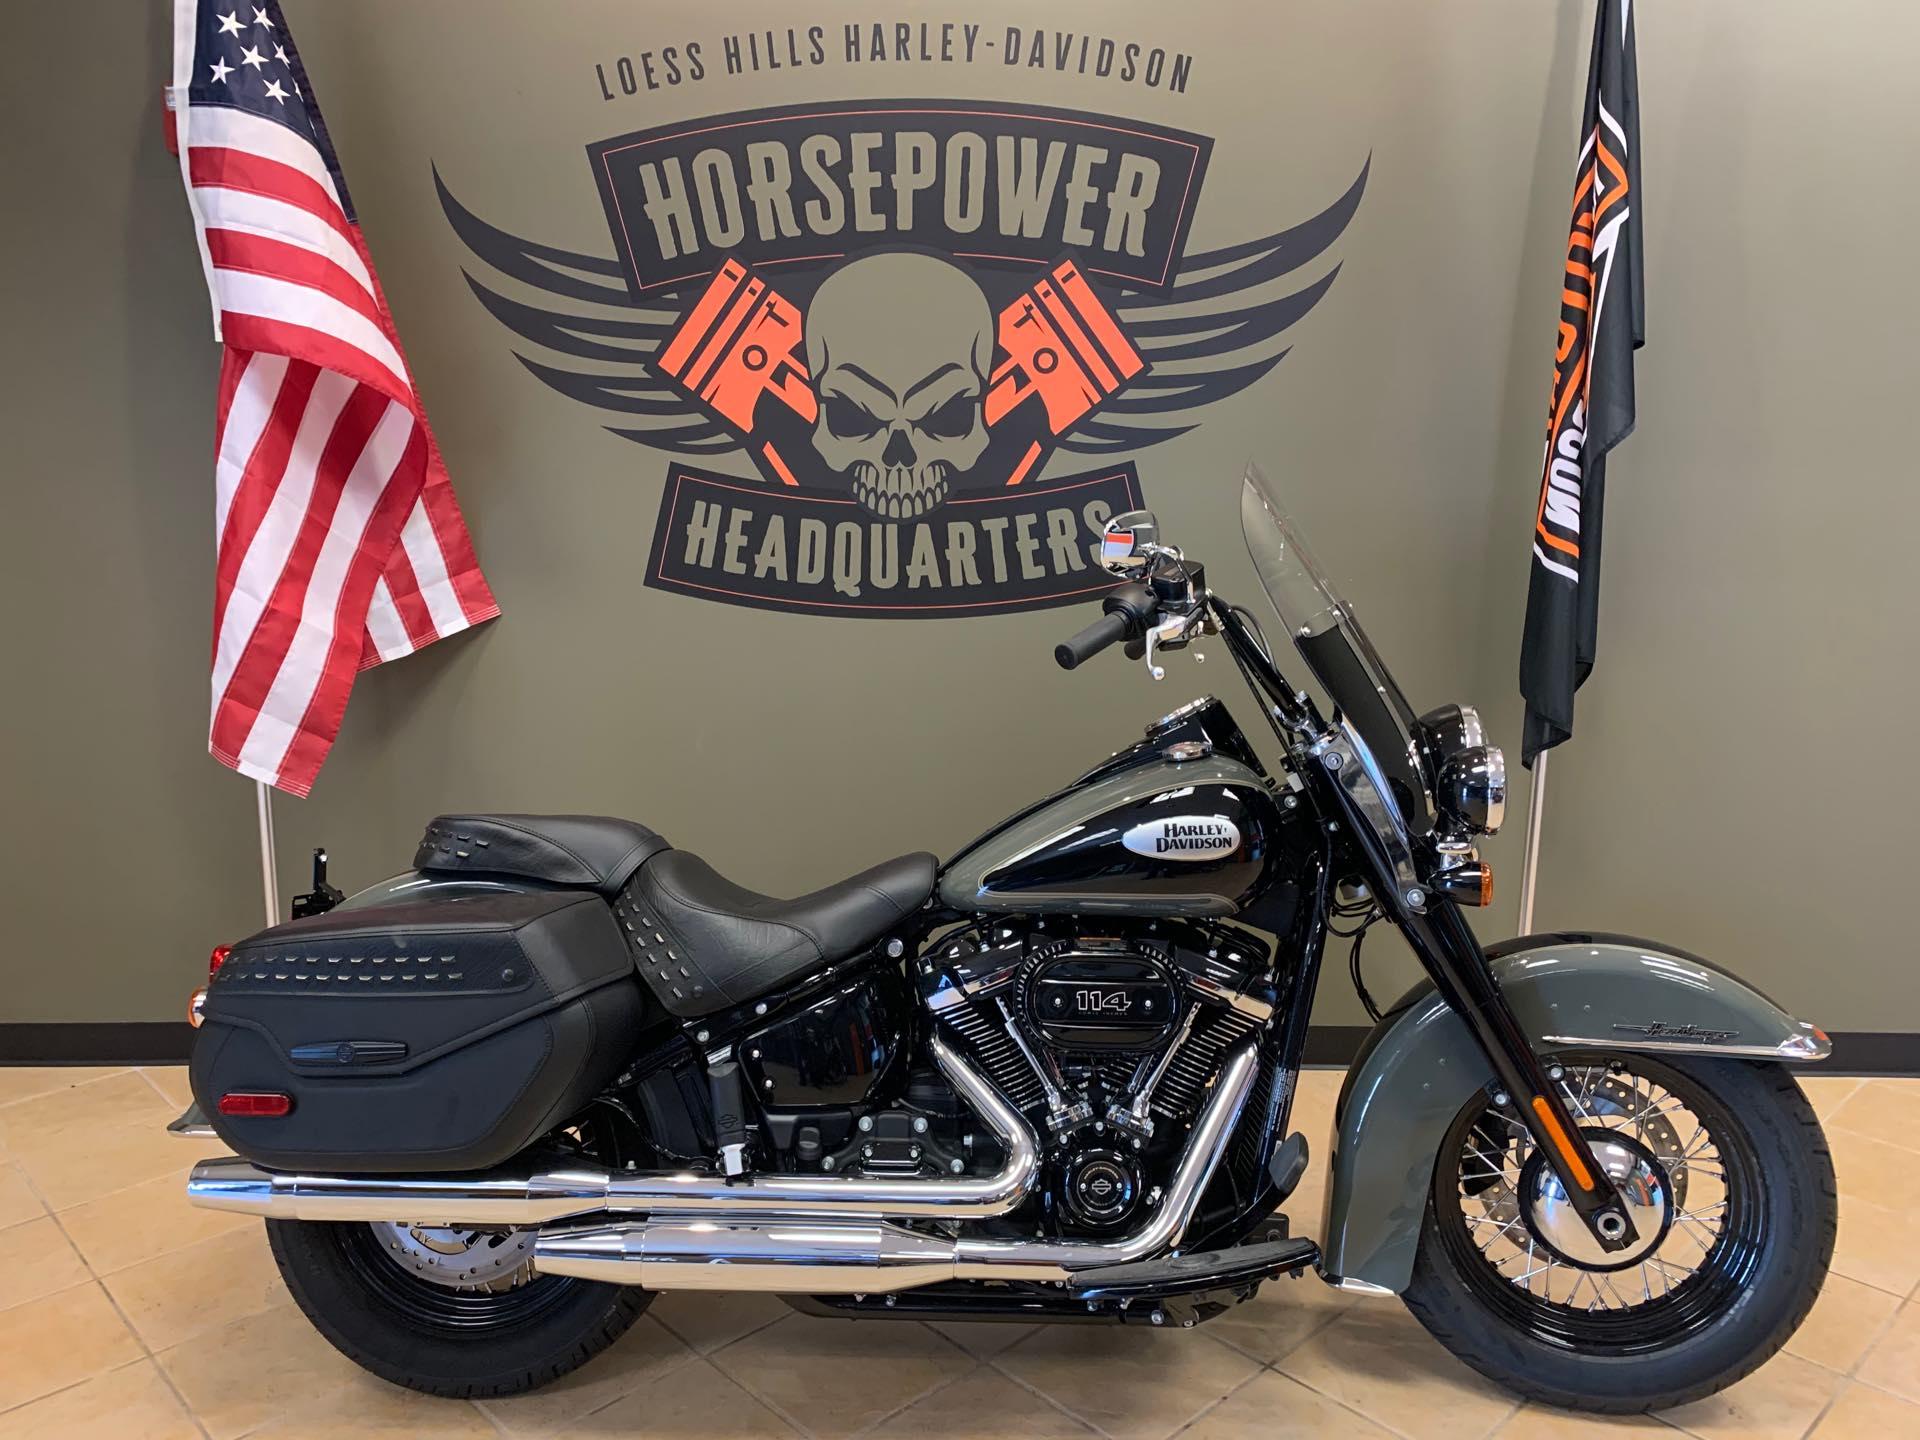 2021 HARLEY-DAVIDSON FLHCS at Loess Hills Harley-Davidson